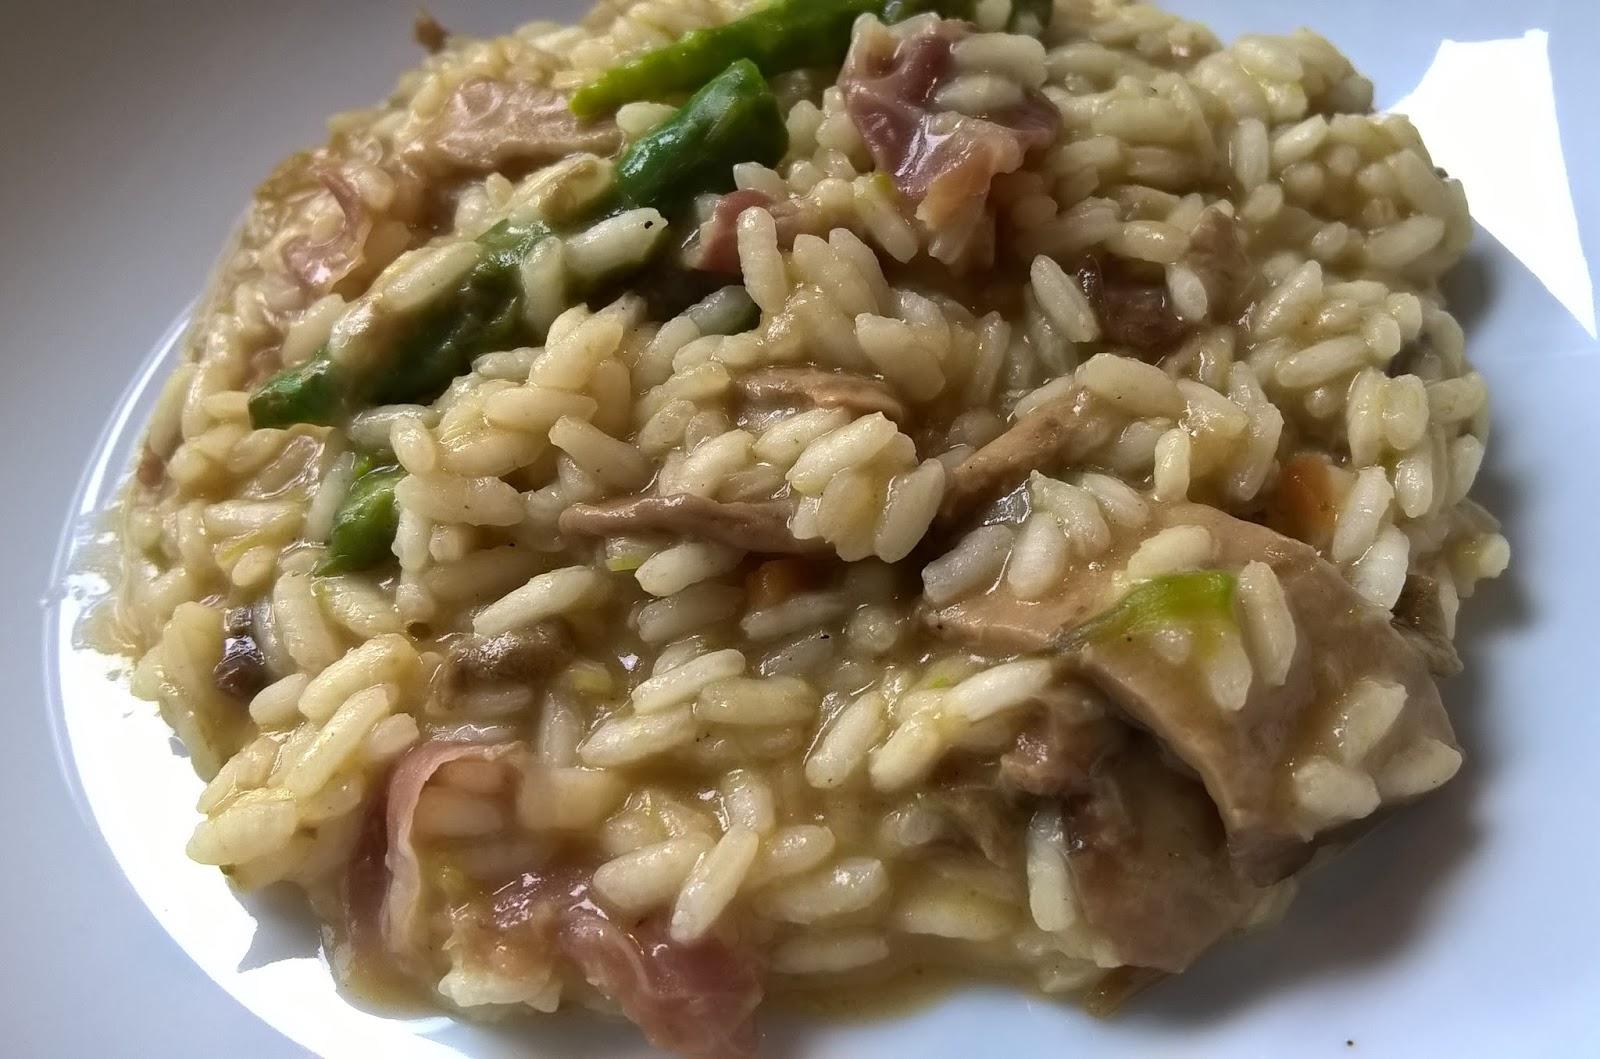 Fatemi cucinare risotto alla giuseppe verdi for Cucinare risotto